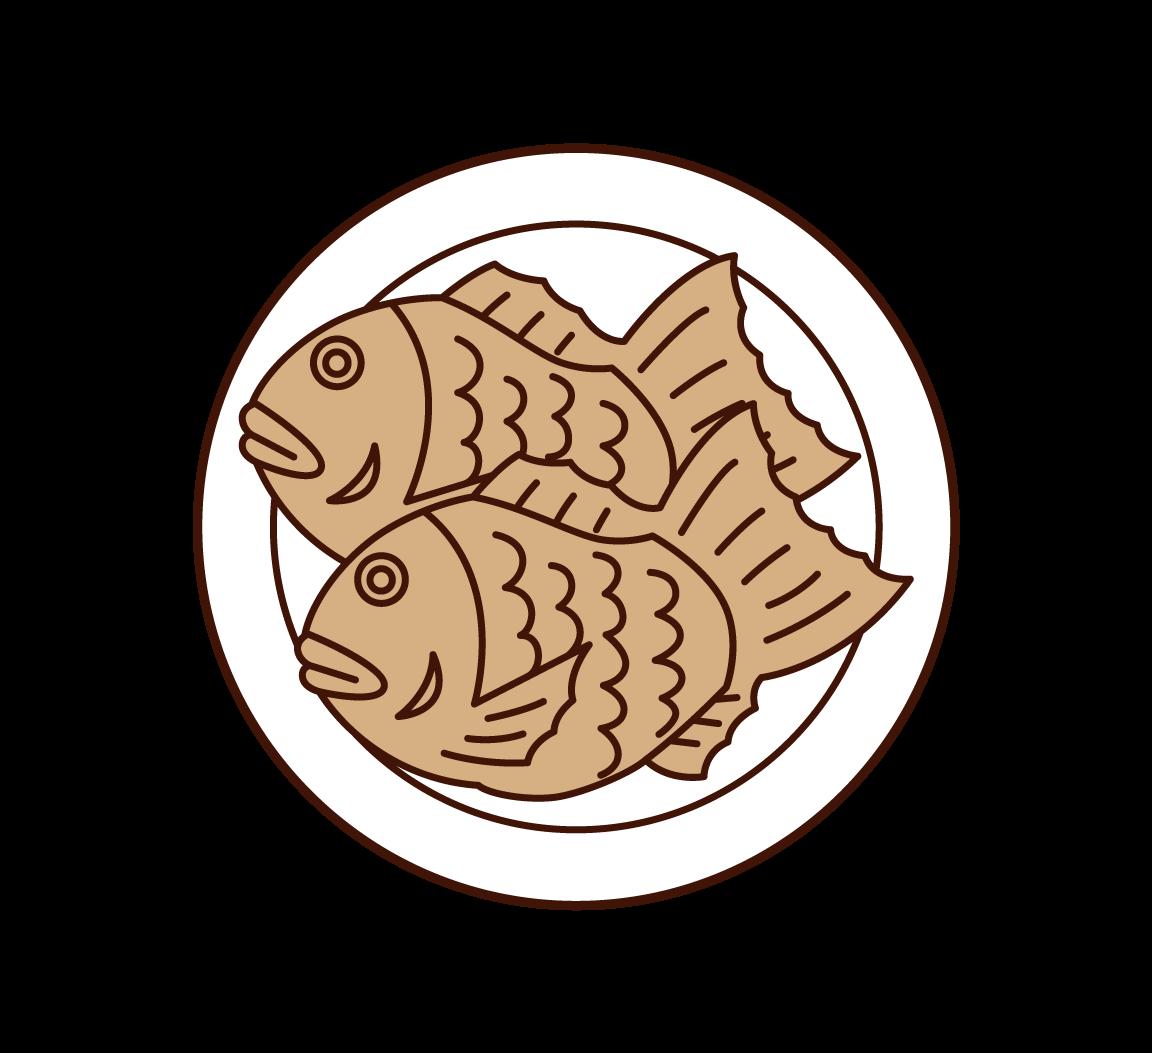 鯛焼きのイラスト